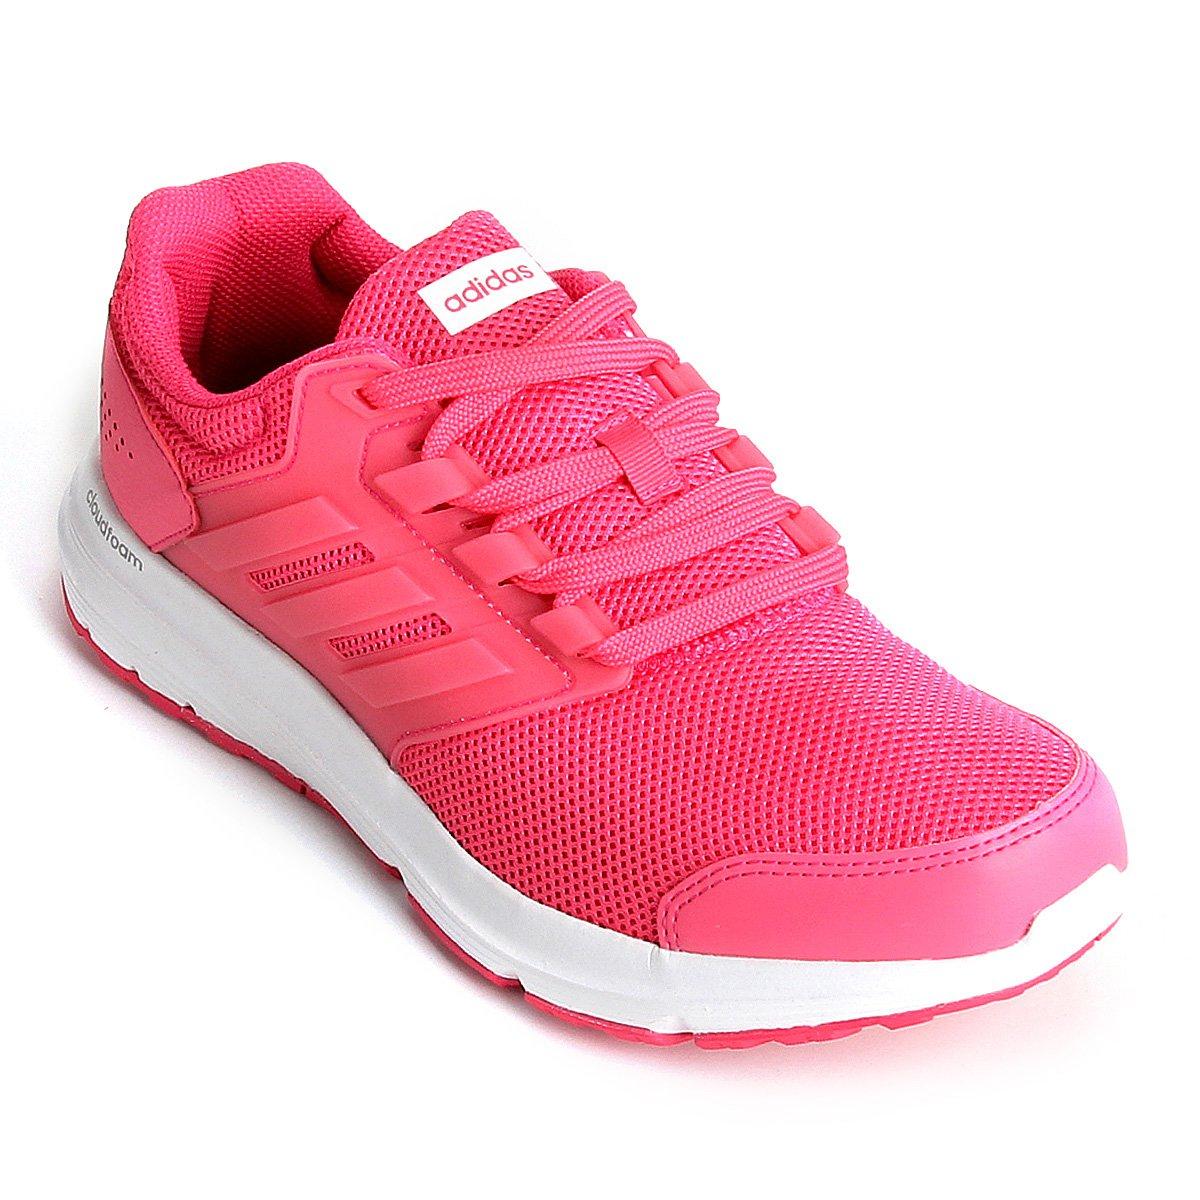 5920b437693 Tênis Adidas Galaxy 4 Feminino - Rosa - Compre Agora